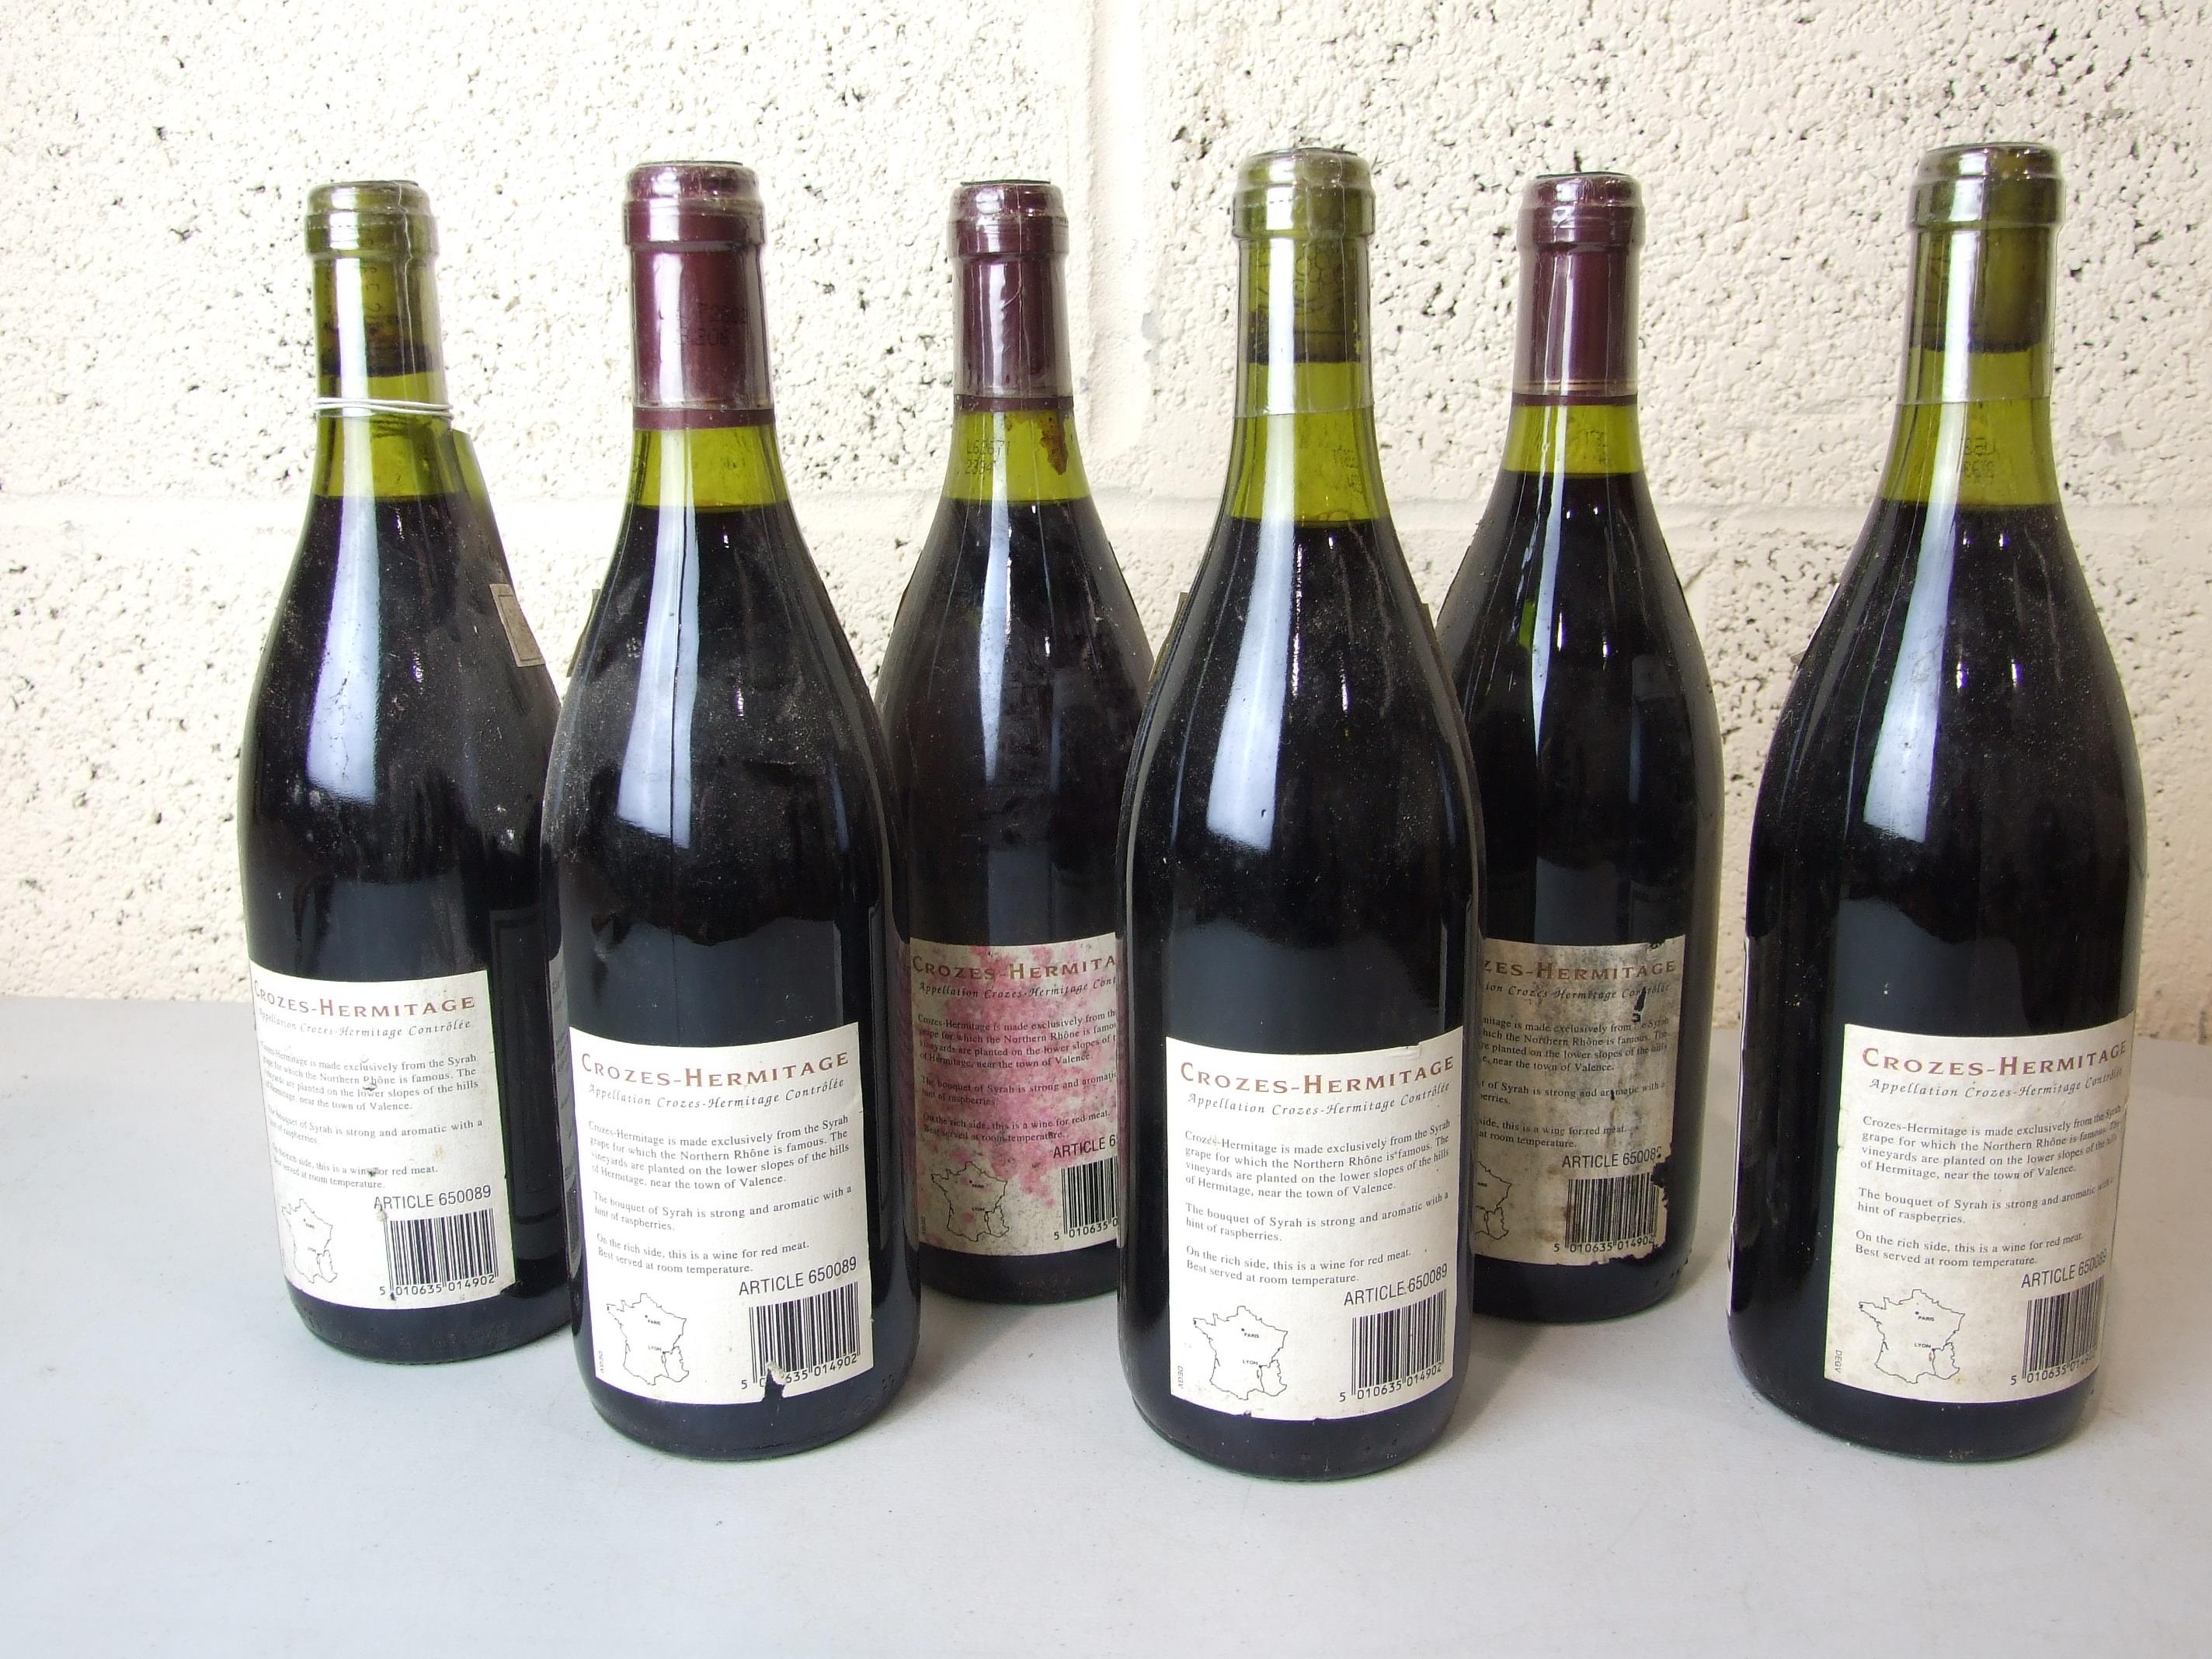 Lot 21 - France, Crozes Hermitage, George Badriou 1994, high shoulder, good labels, six bottles, (6).